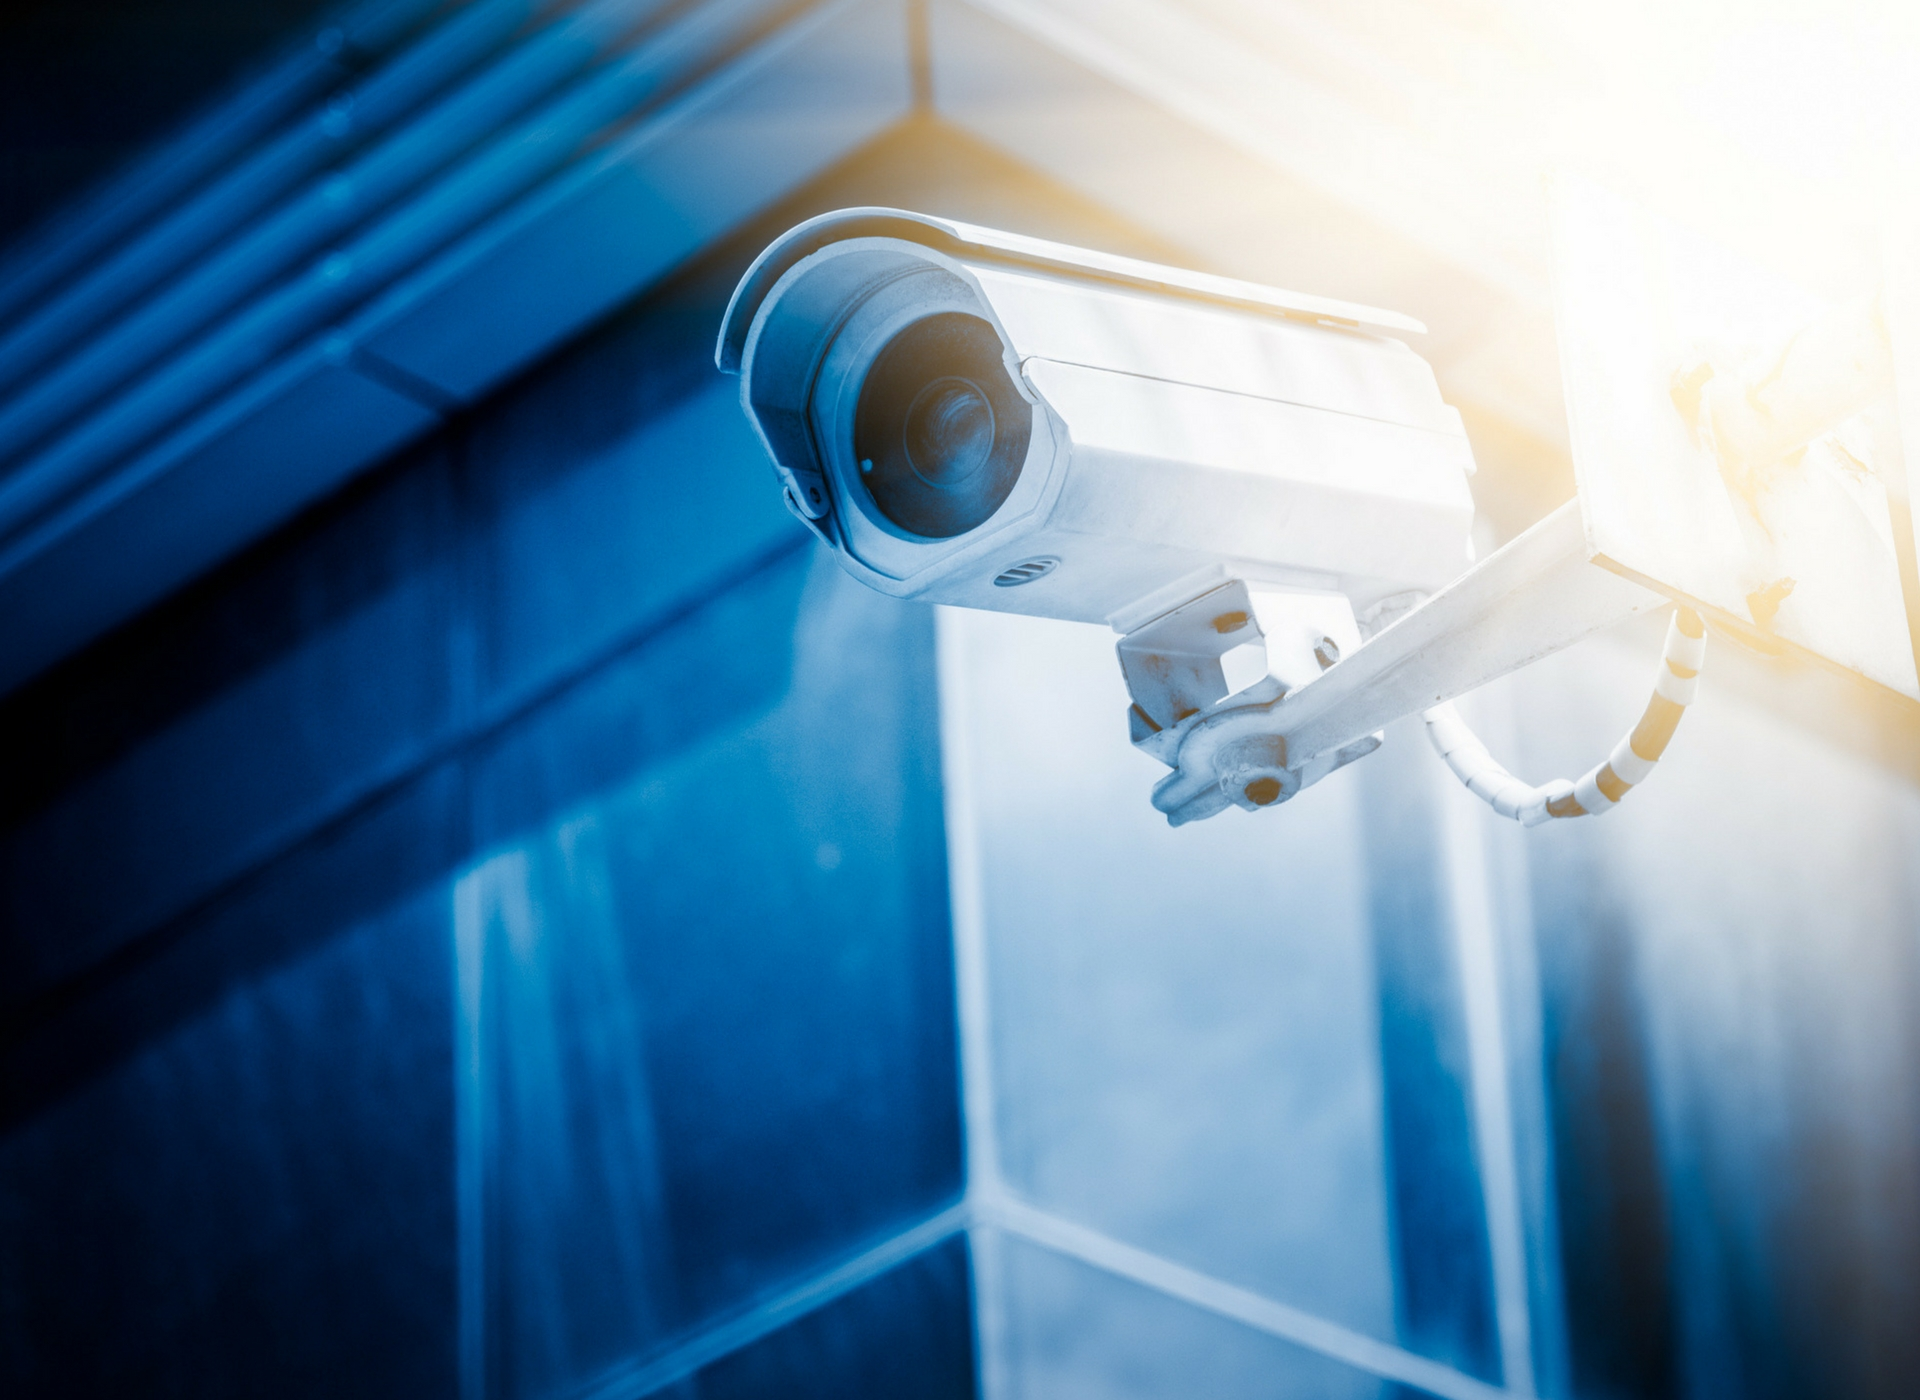 Perfektes Team: 5 Vorzüge der Fusion von Video- und Radartechnik